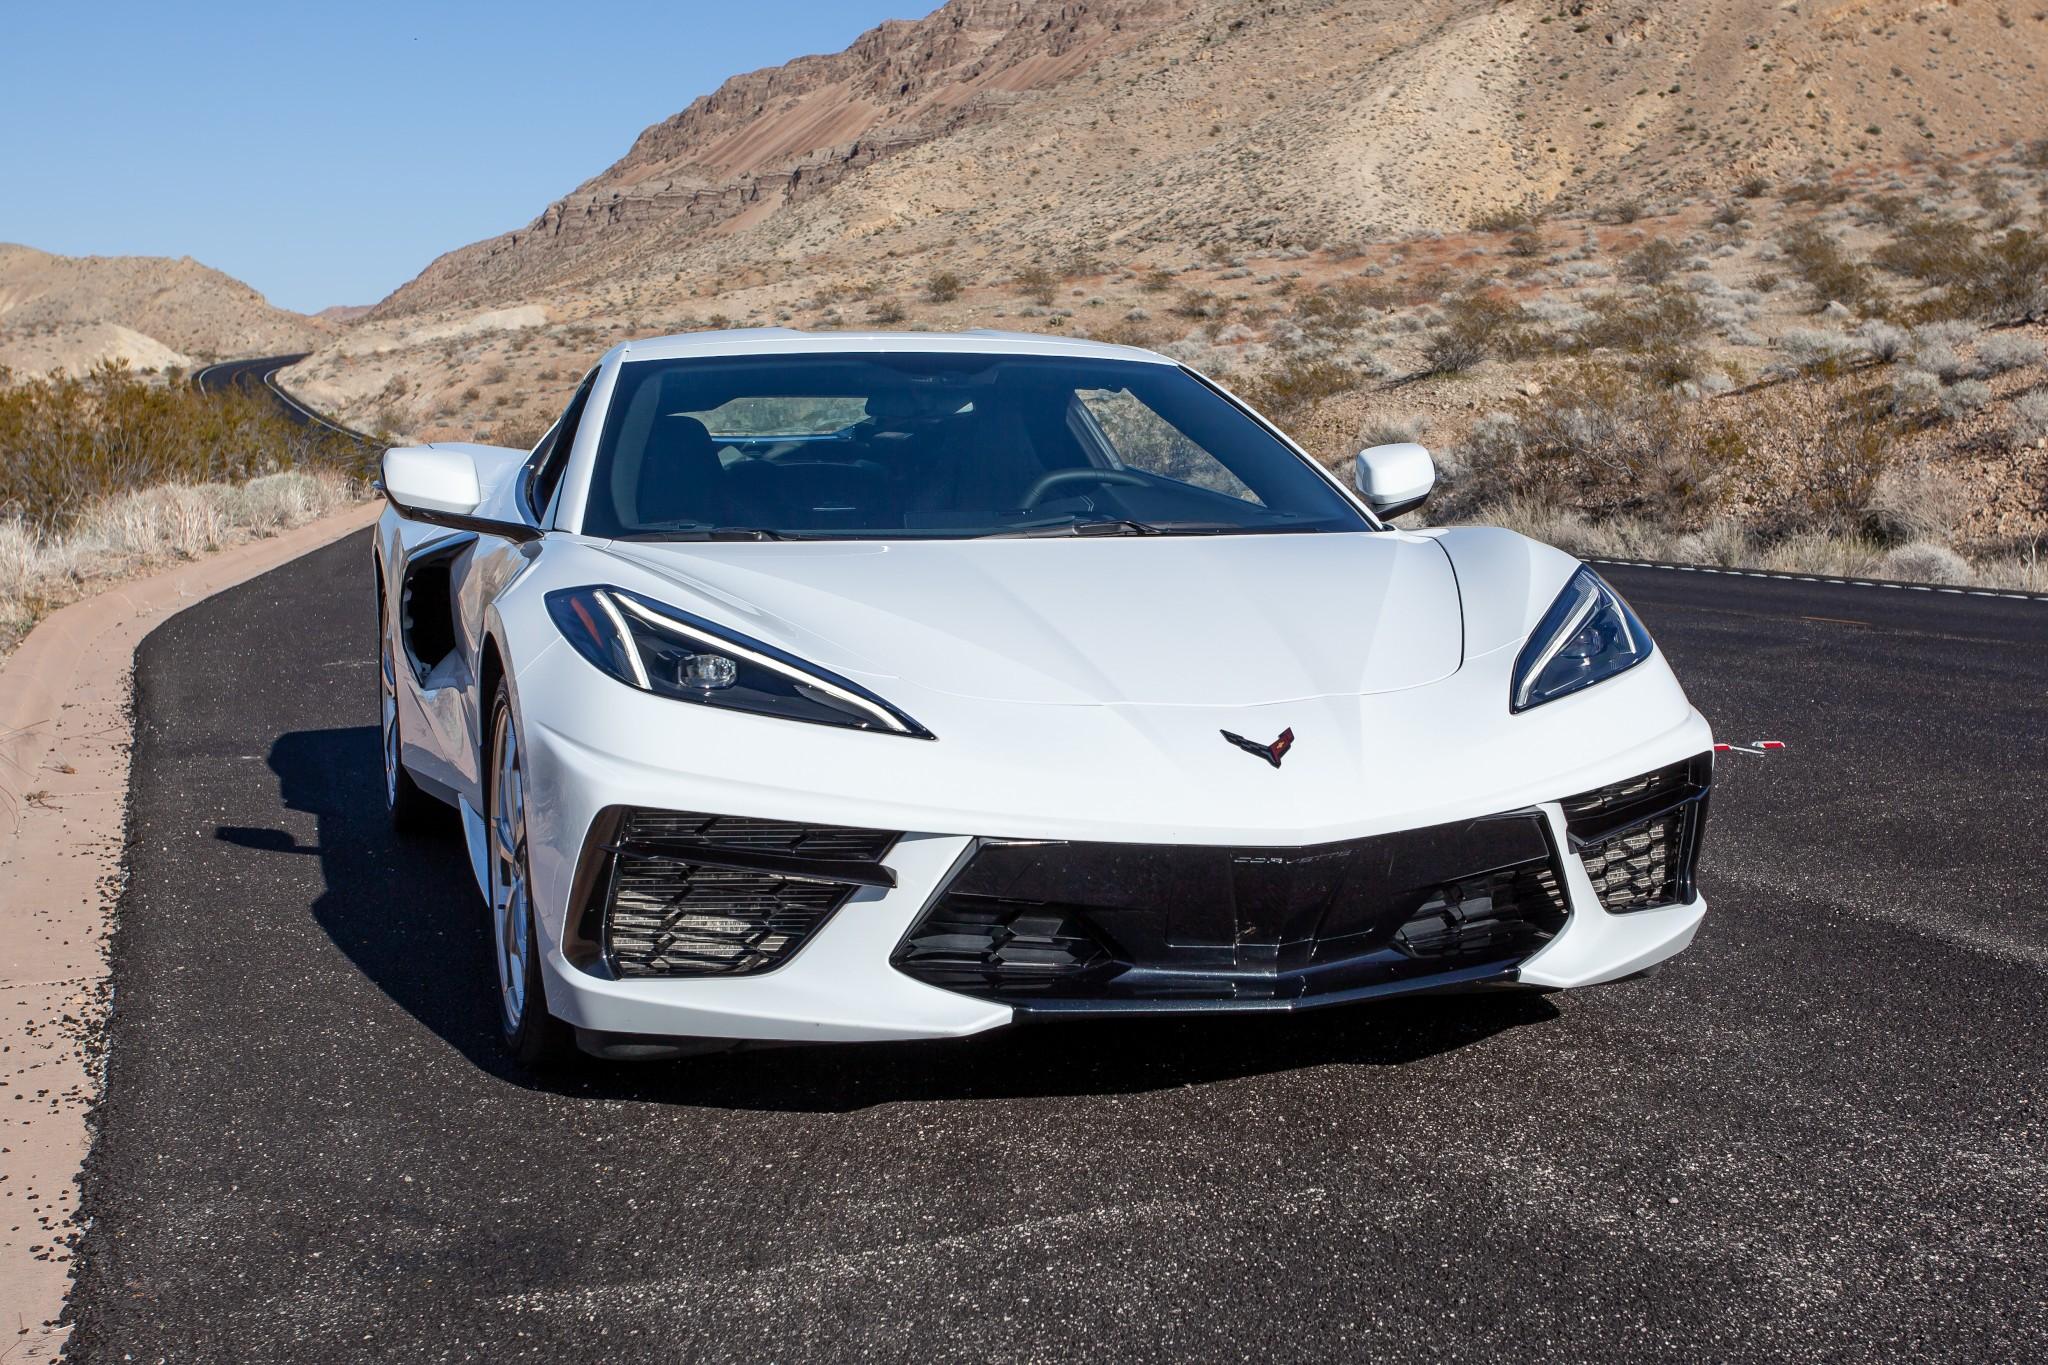 chevrolet-corvette-stingray-2020-4-angle--desert--exterior--front--grille--headlights--outdoors--white.jpg